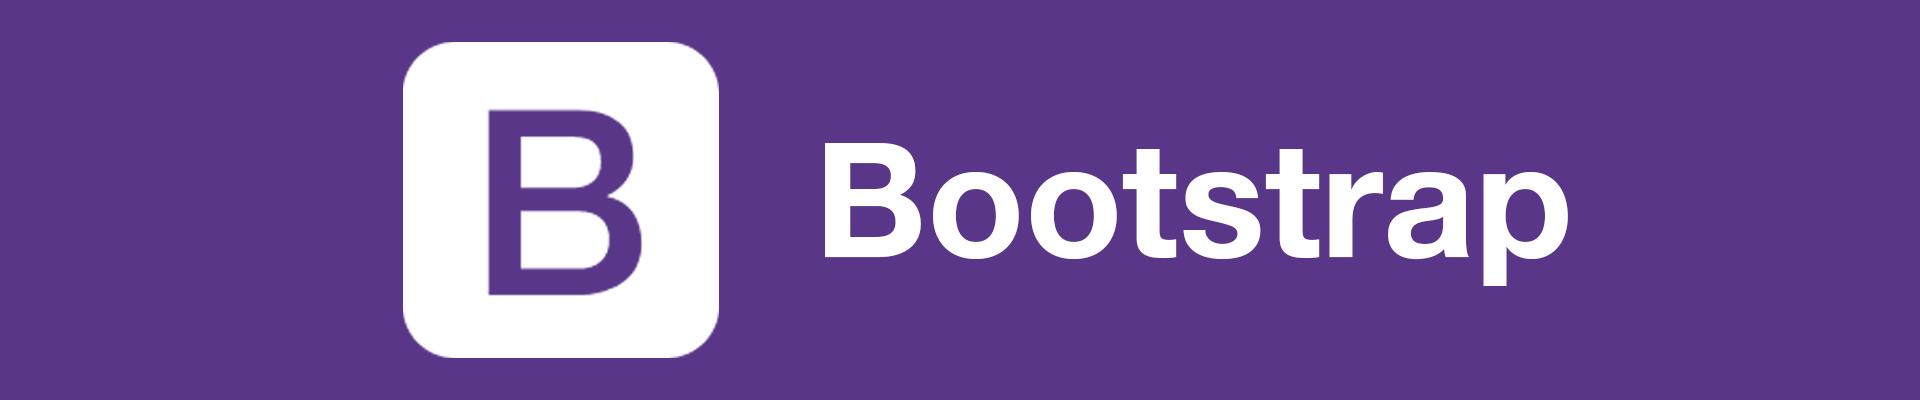 Apprendre à utiliser le framework Bootstrap | Cours complet (2019)